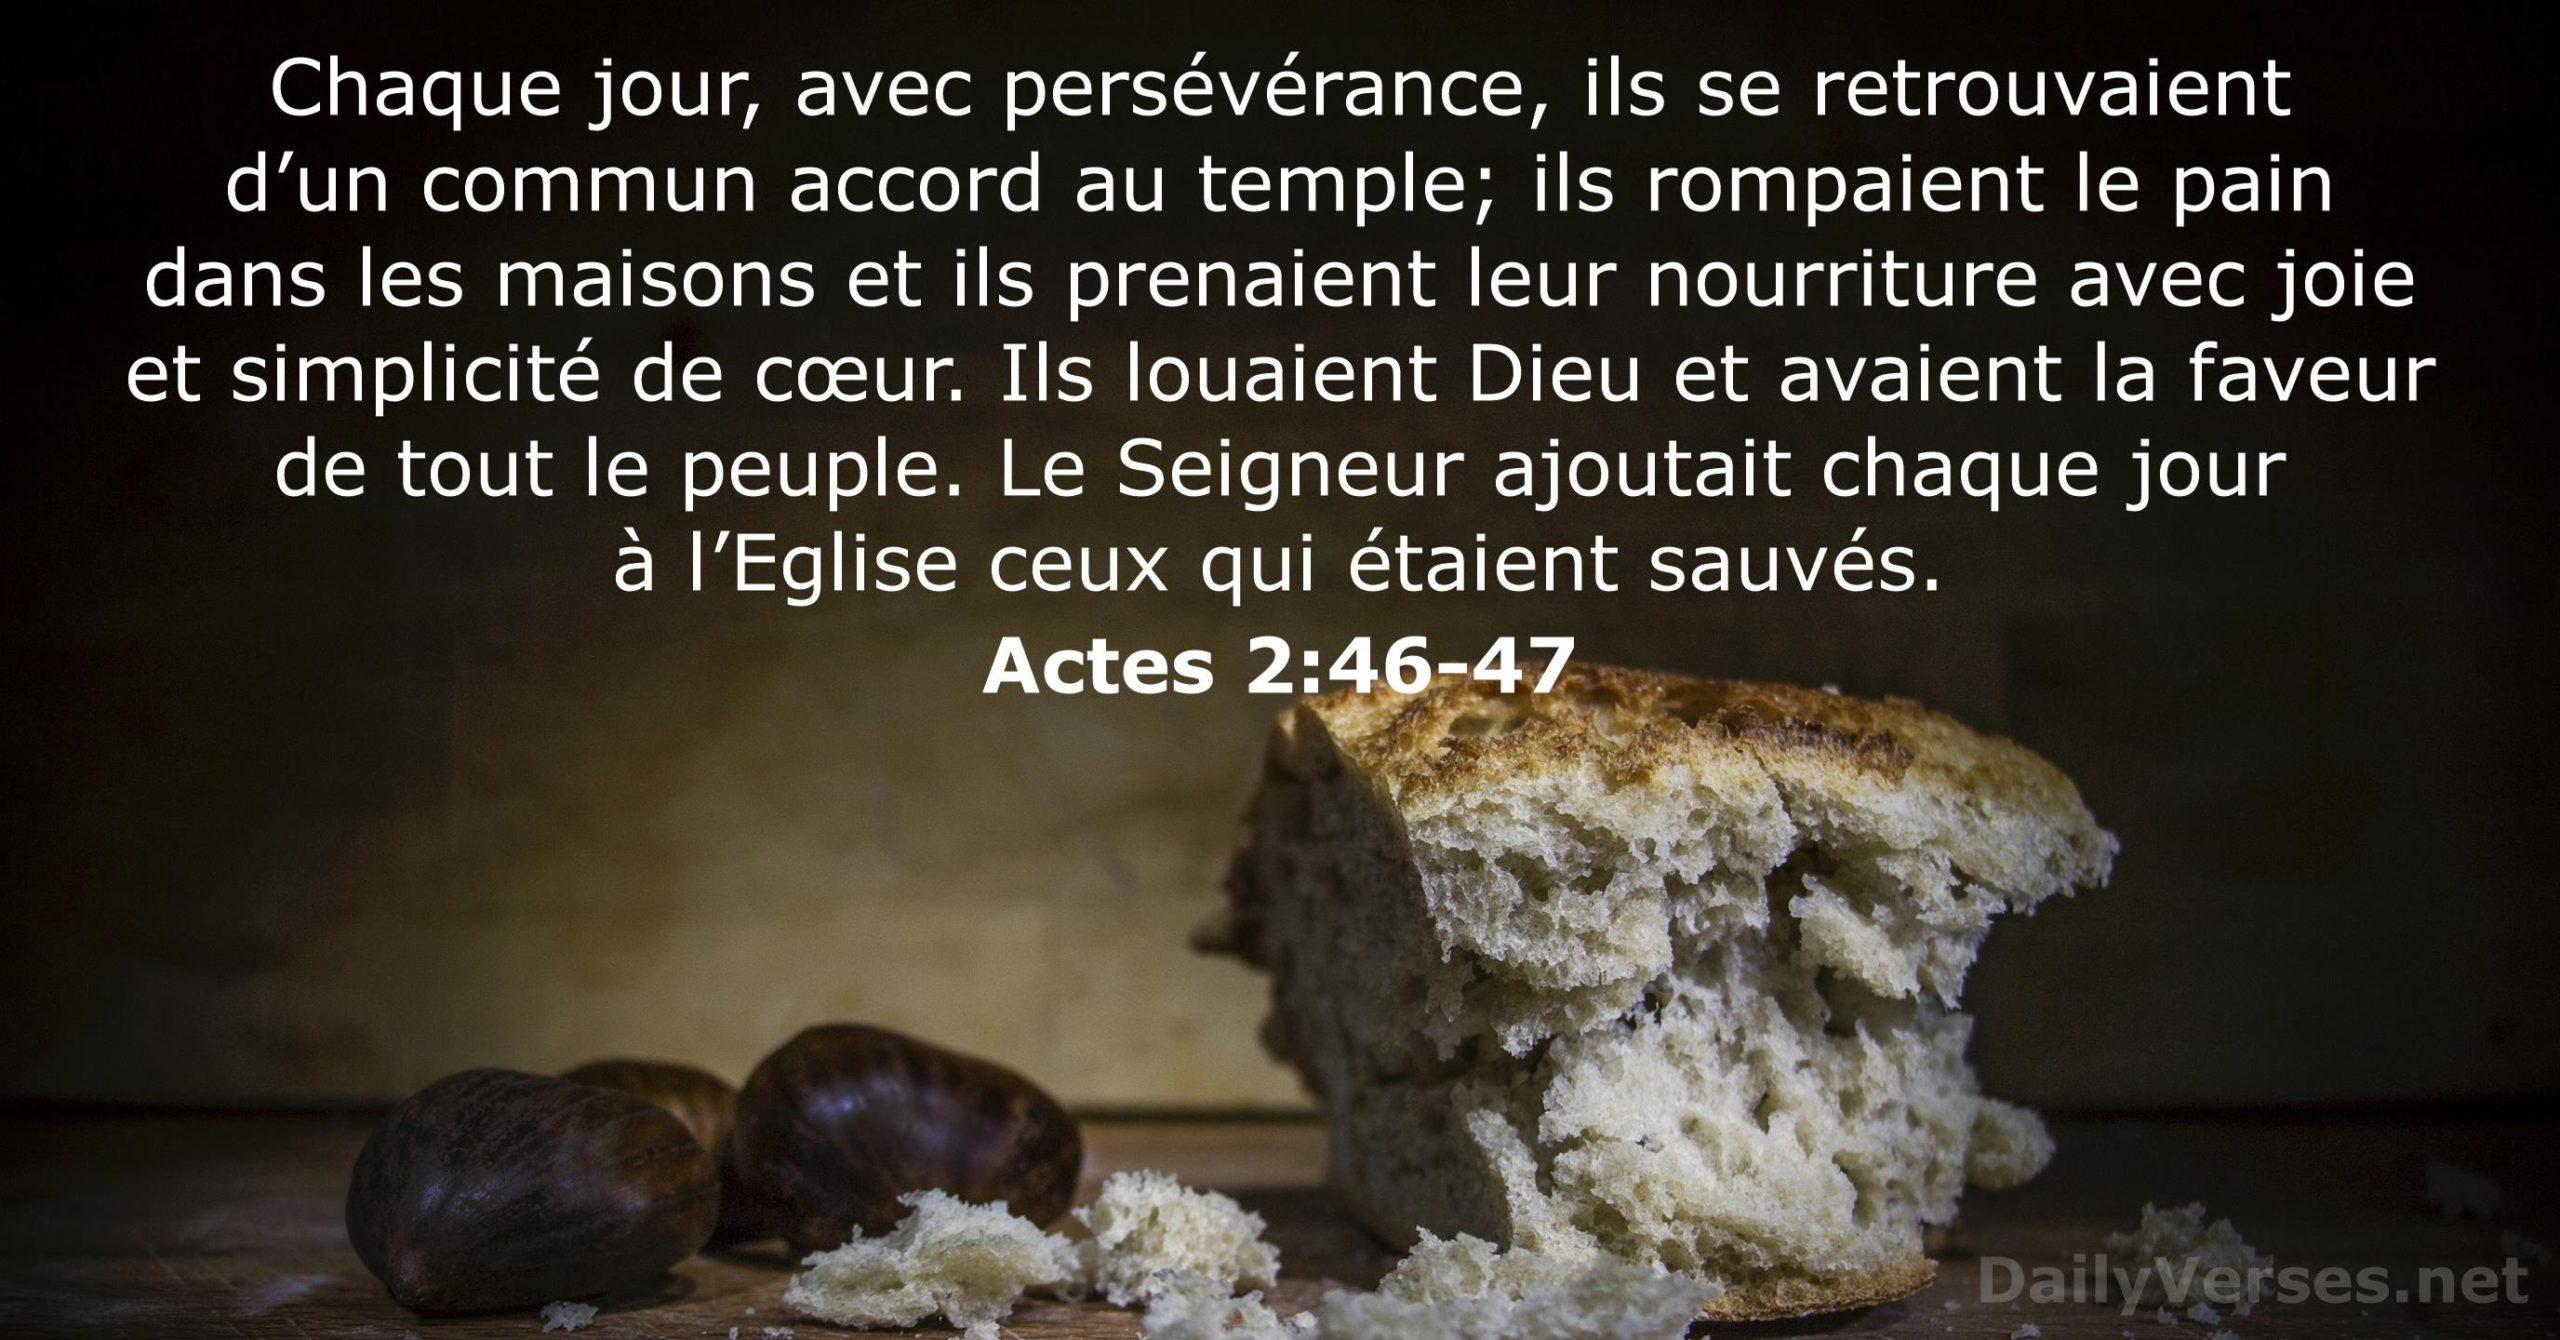 actes-2-46-47-2